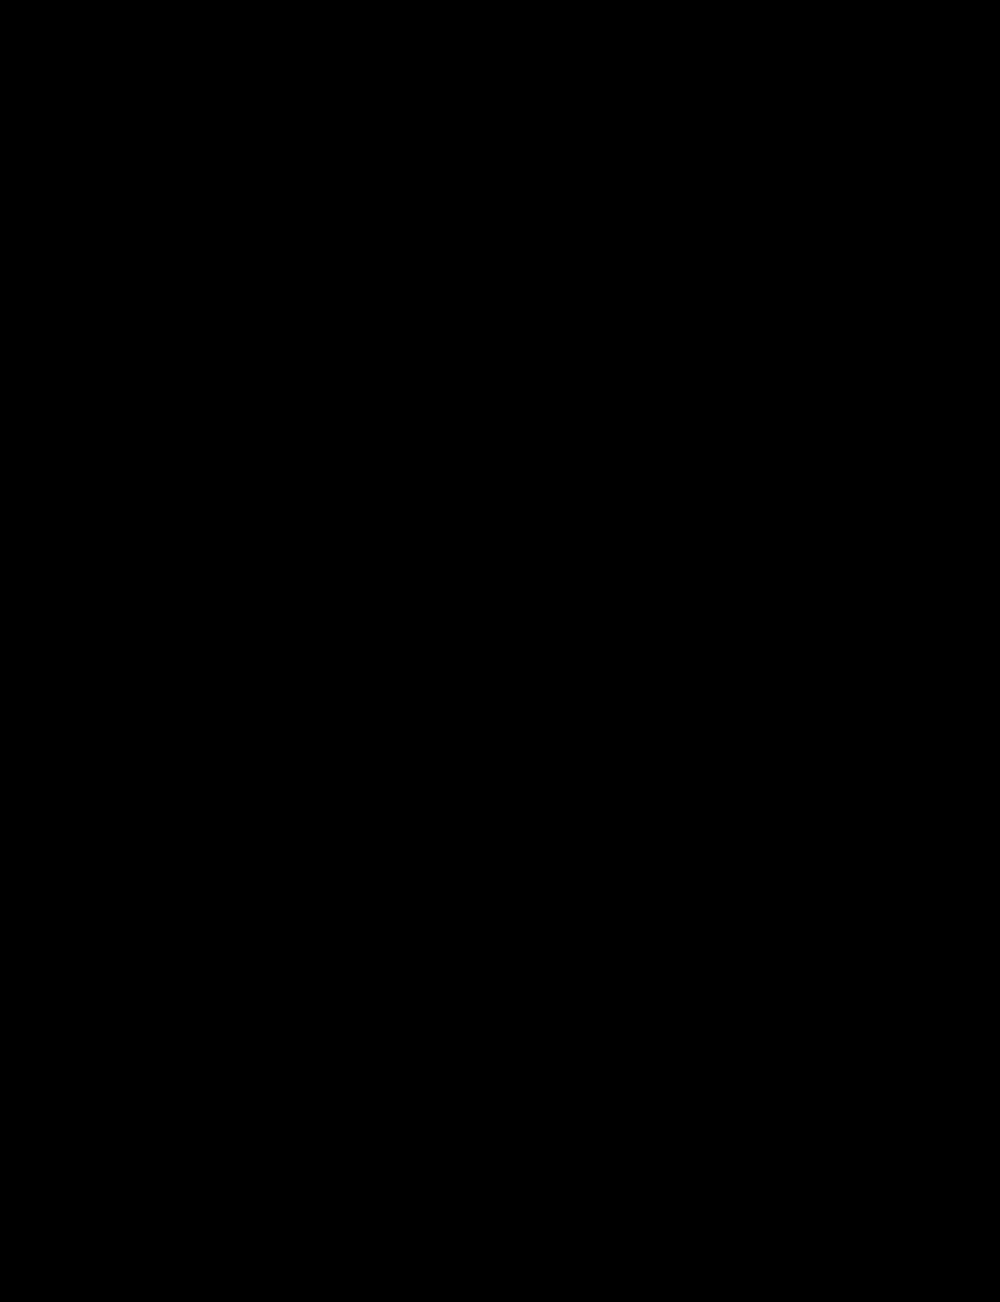 Le carré structuré